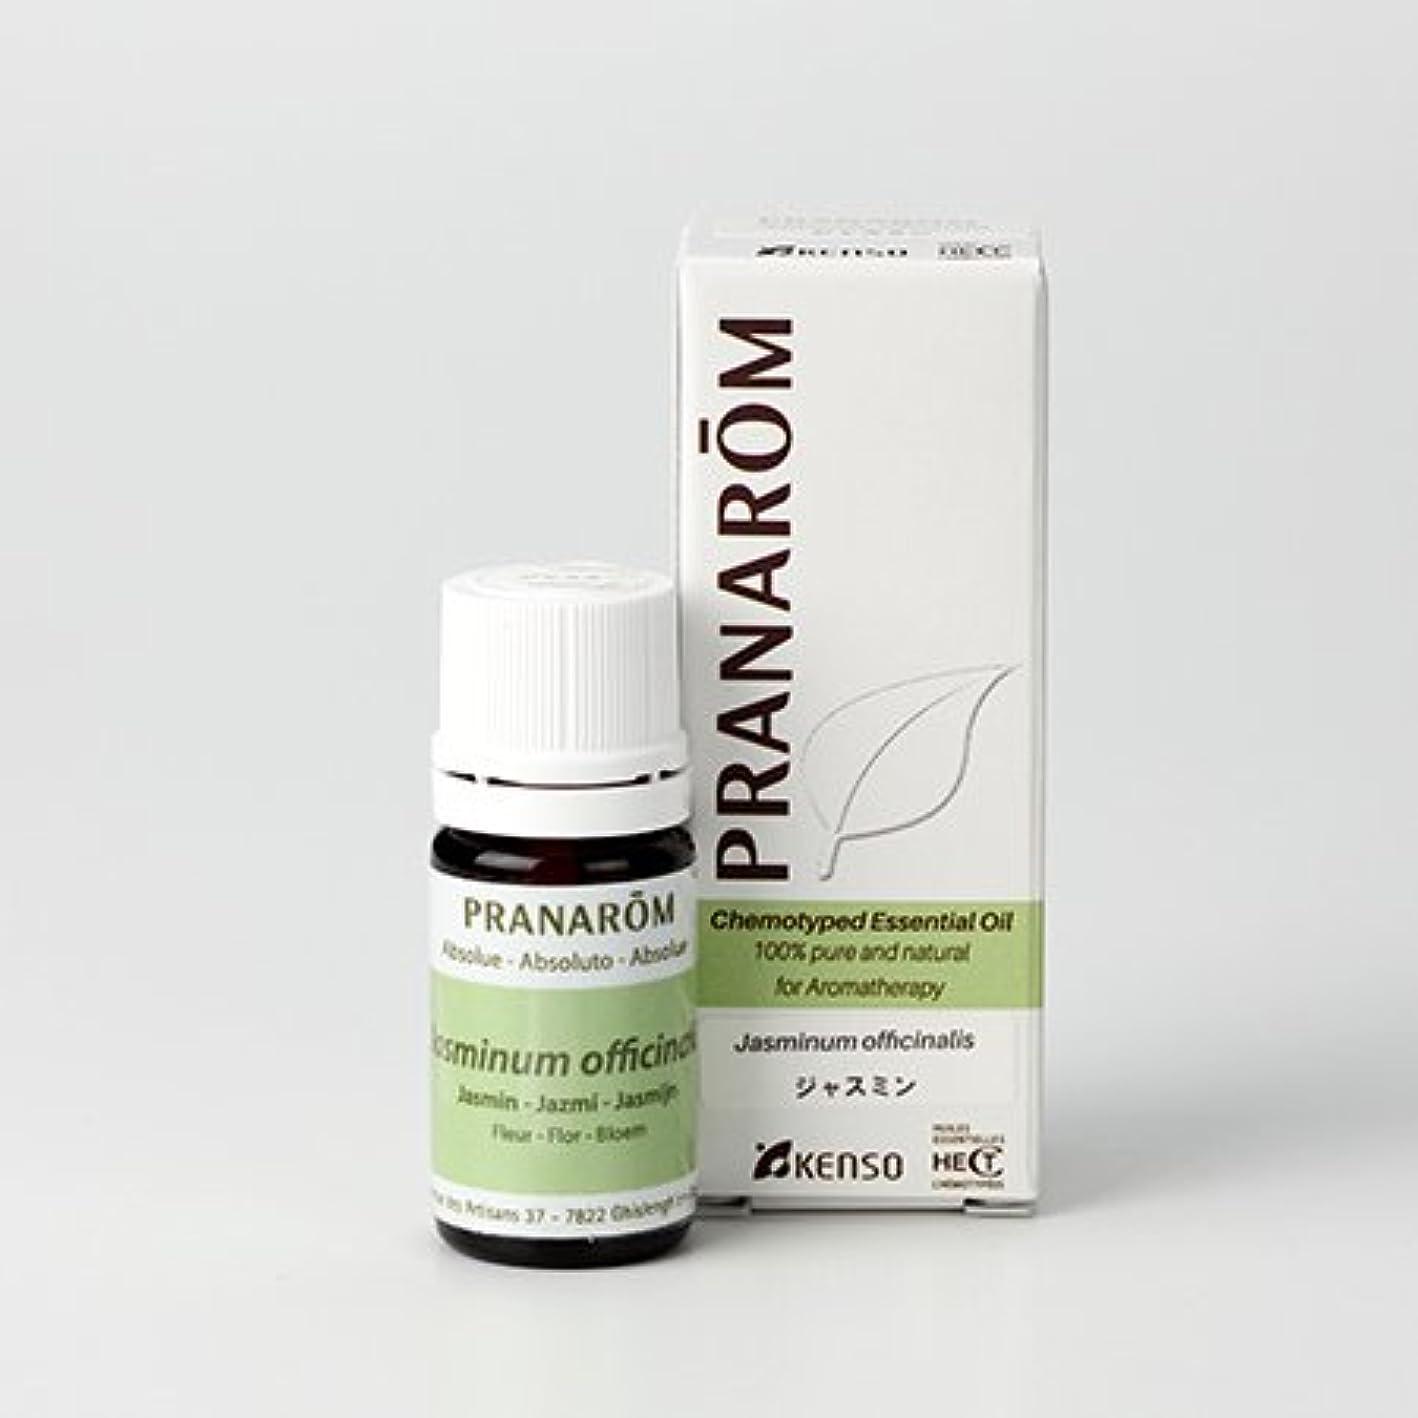 【ジャスミン 5ml】→優雅で甘美な香り?(フローラル系)[PRANAROM(プラナロム)精油/アロマオイル/エッセンシャルオイル]P-93